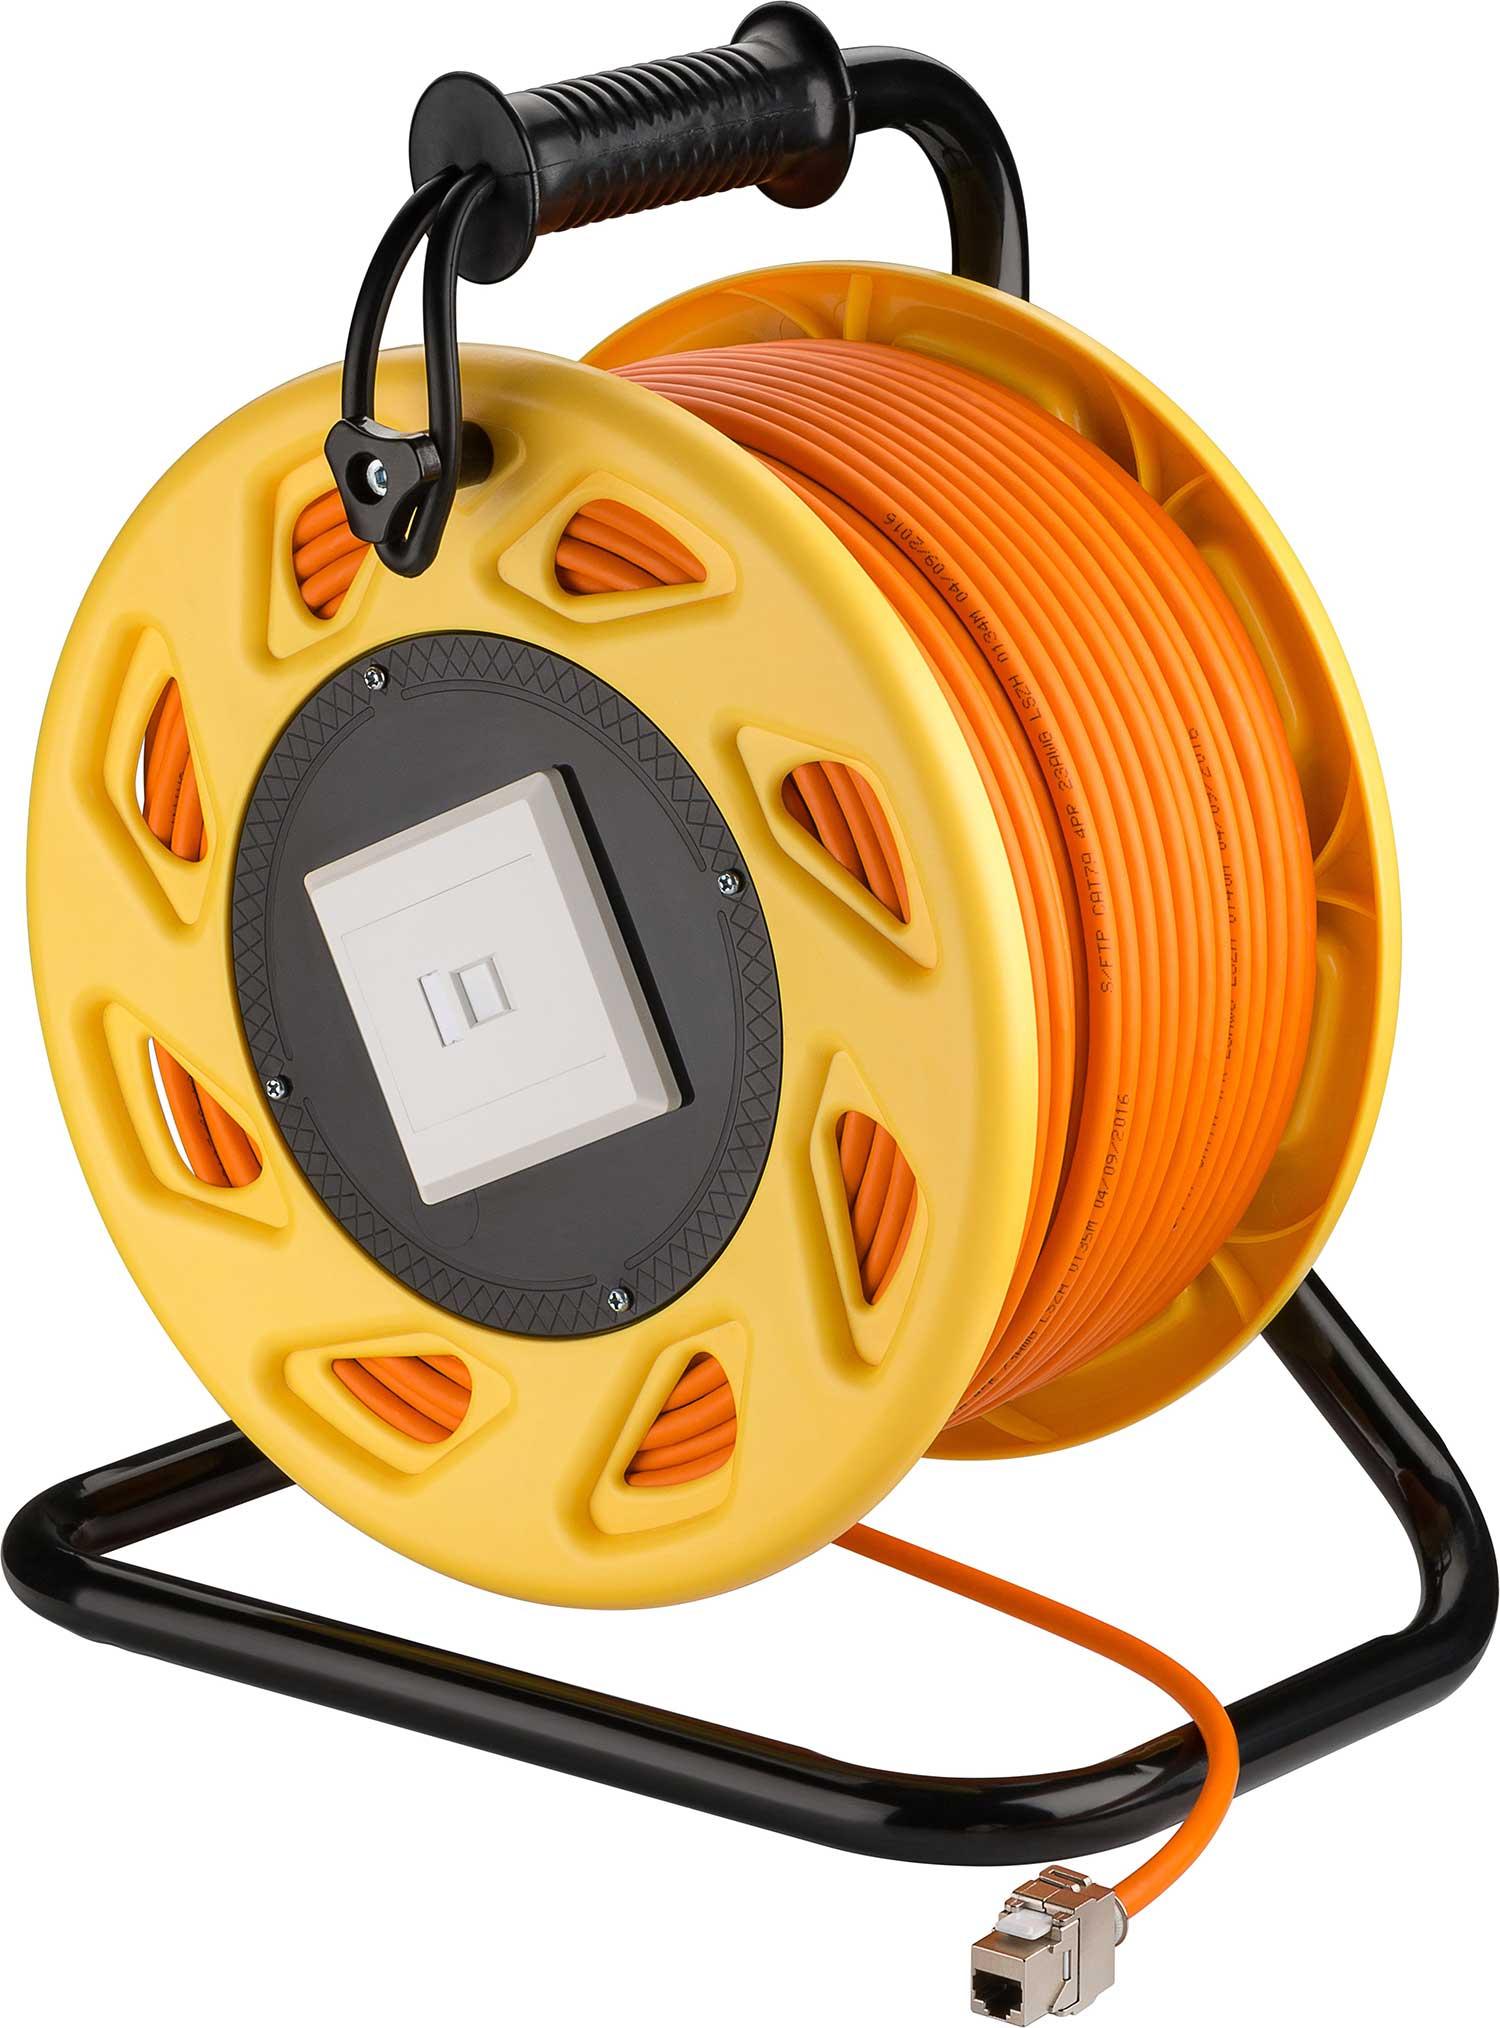 Cat 7 Netzwerkkabel auf einer Trommel